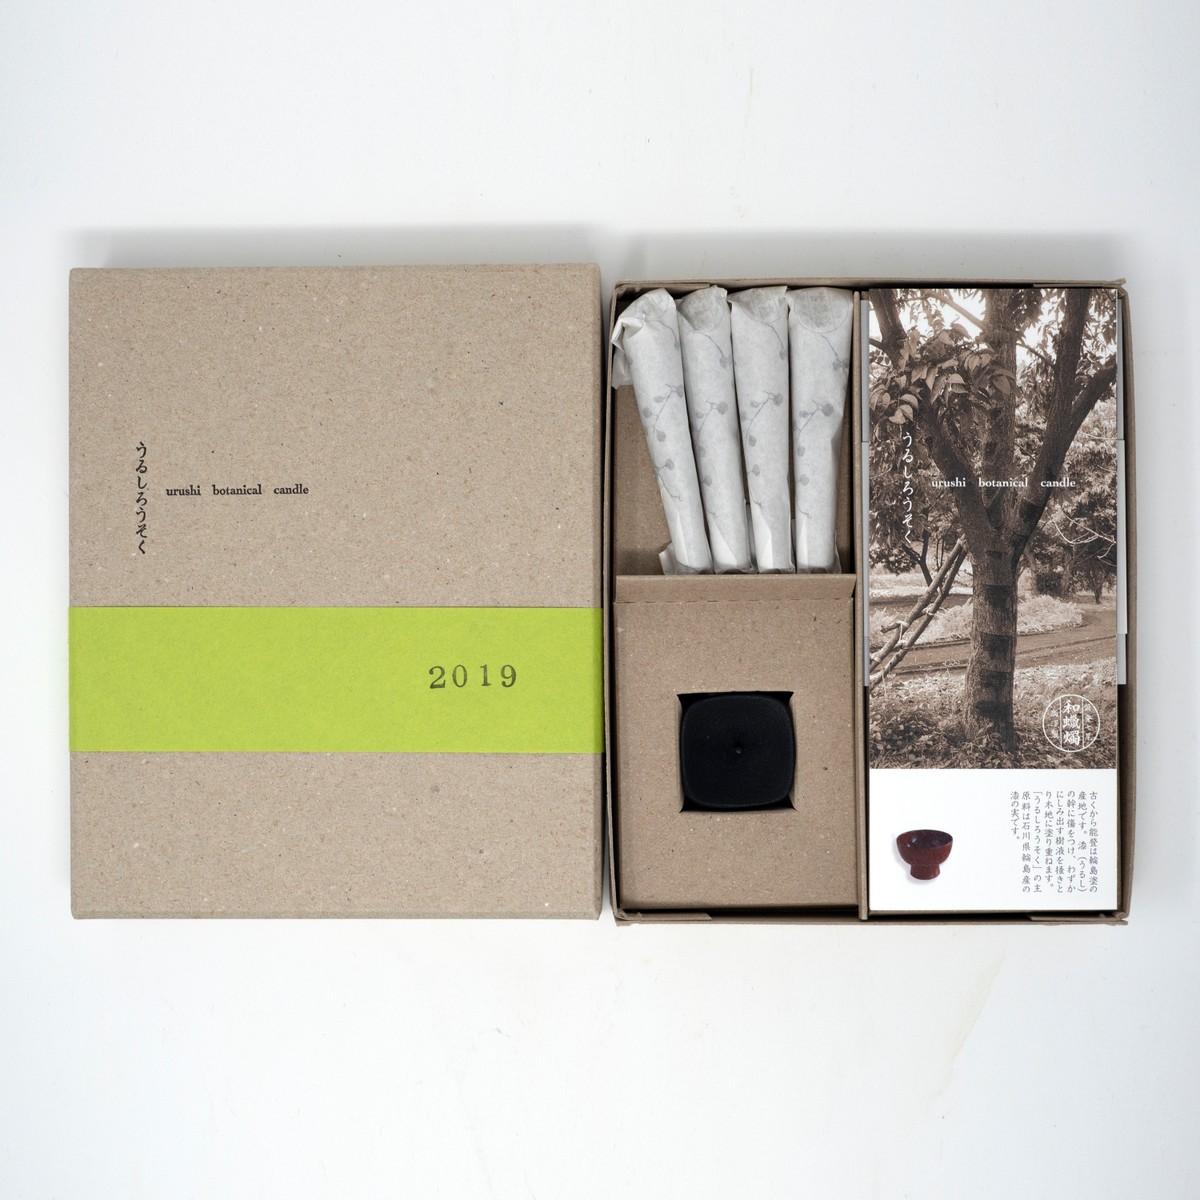 Photo of Urushi Candle Set